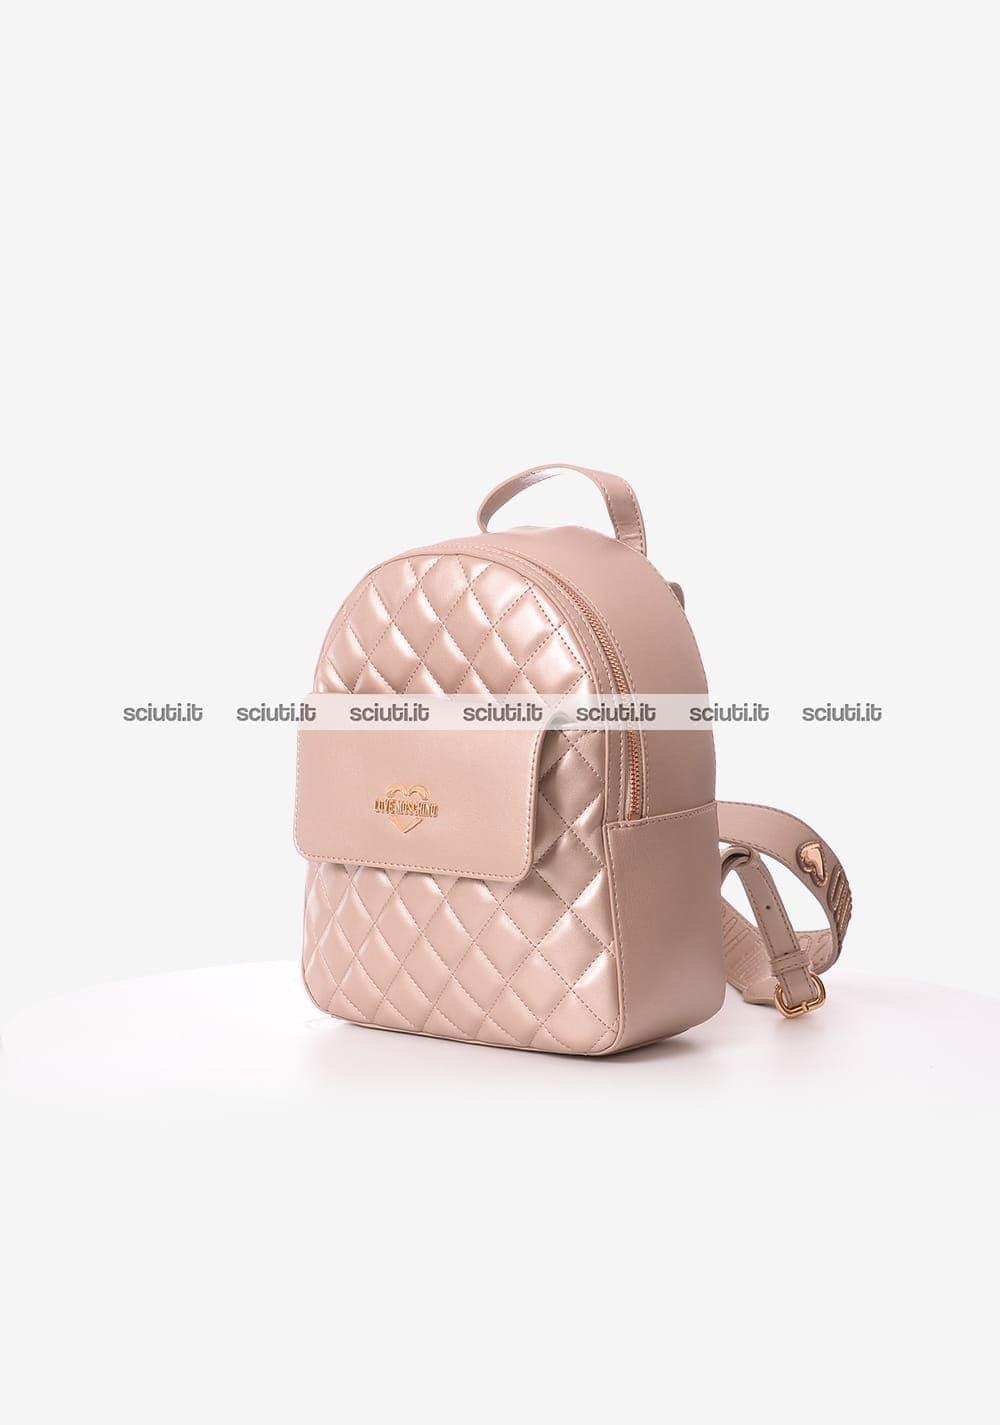 nuovo stile c25d6 8e736 Zaino Love Moschino donna rosa laminato | Sciuti.it